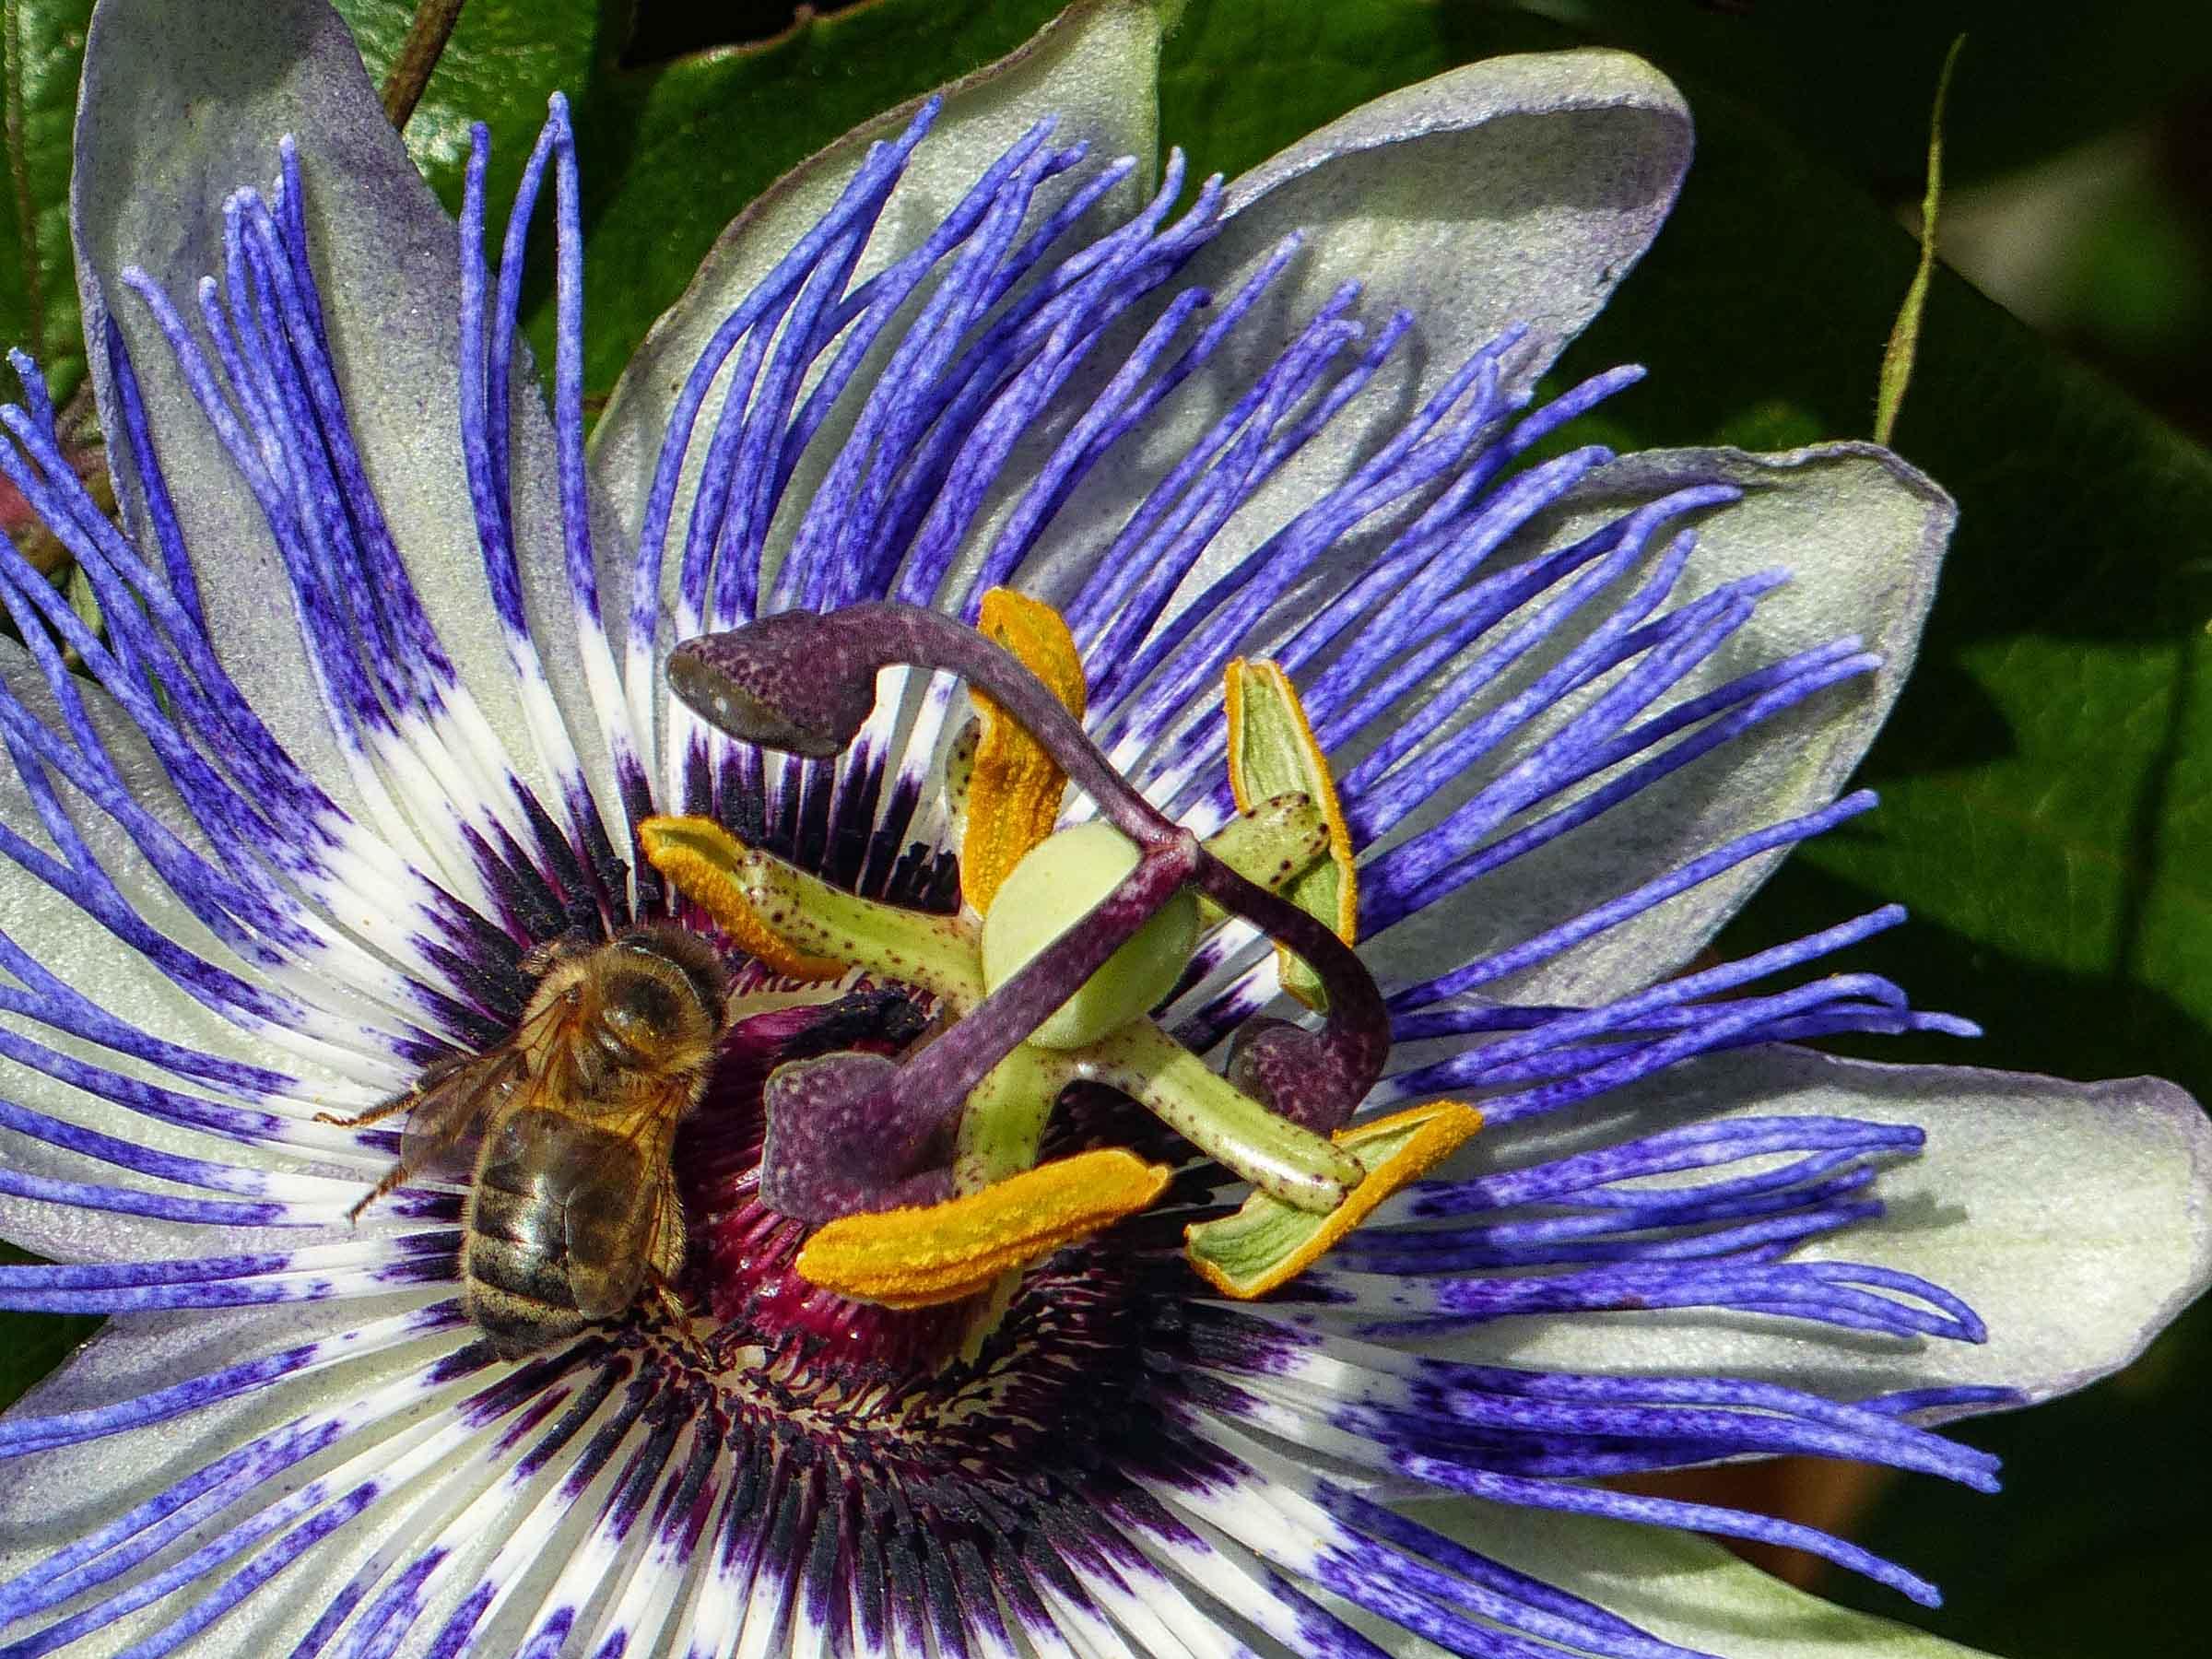 Bee on vivid purple flower